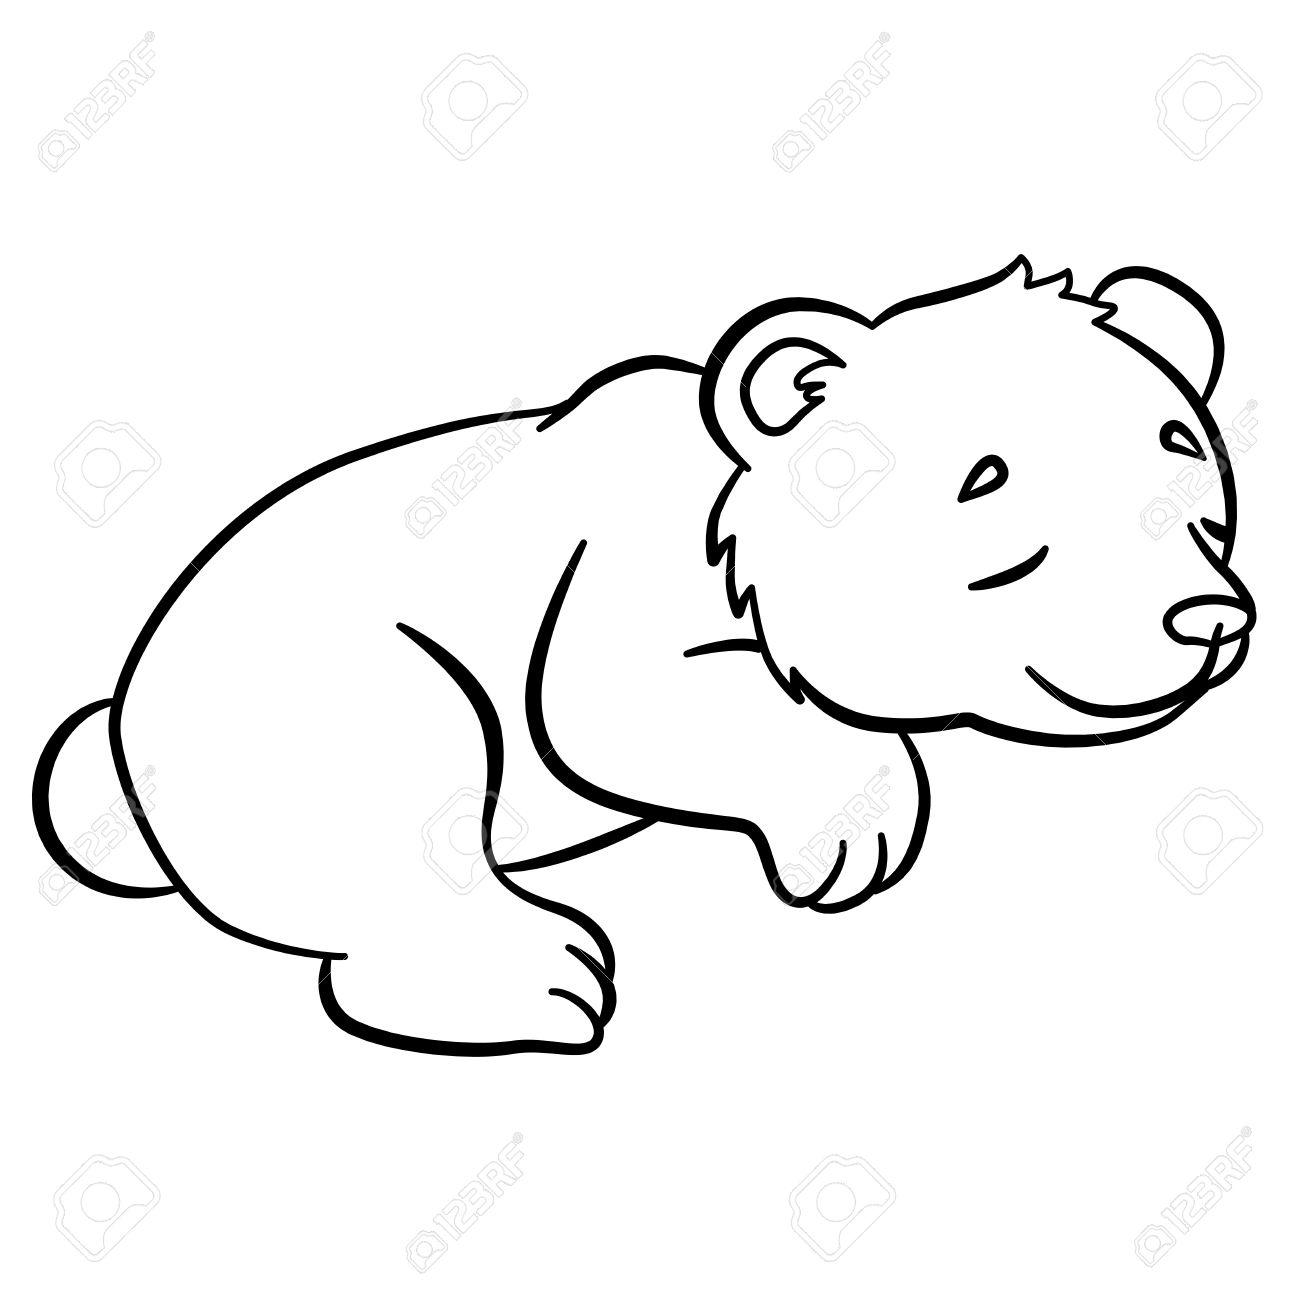 Malvorlagen. Wilde Tiere. Kleine Süße Baby Bär Schläft. Es Ist So ...